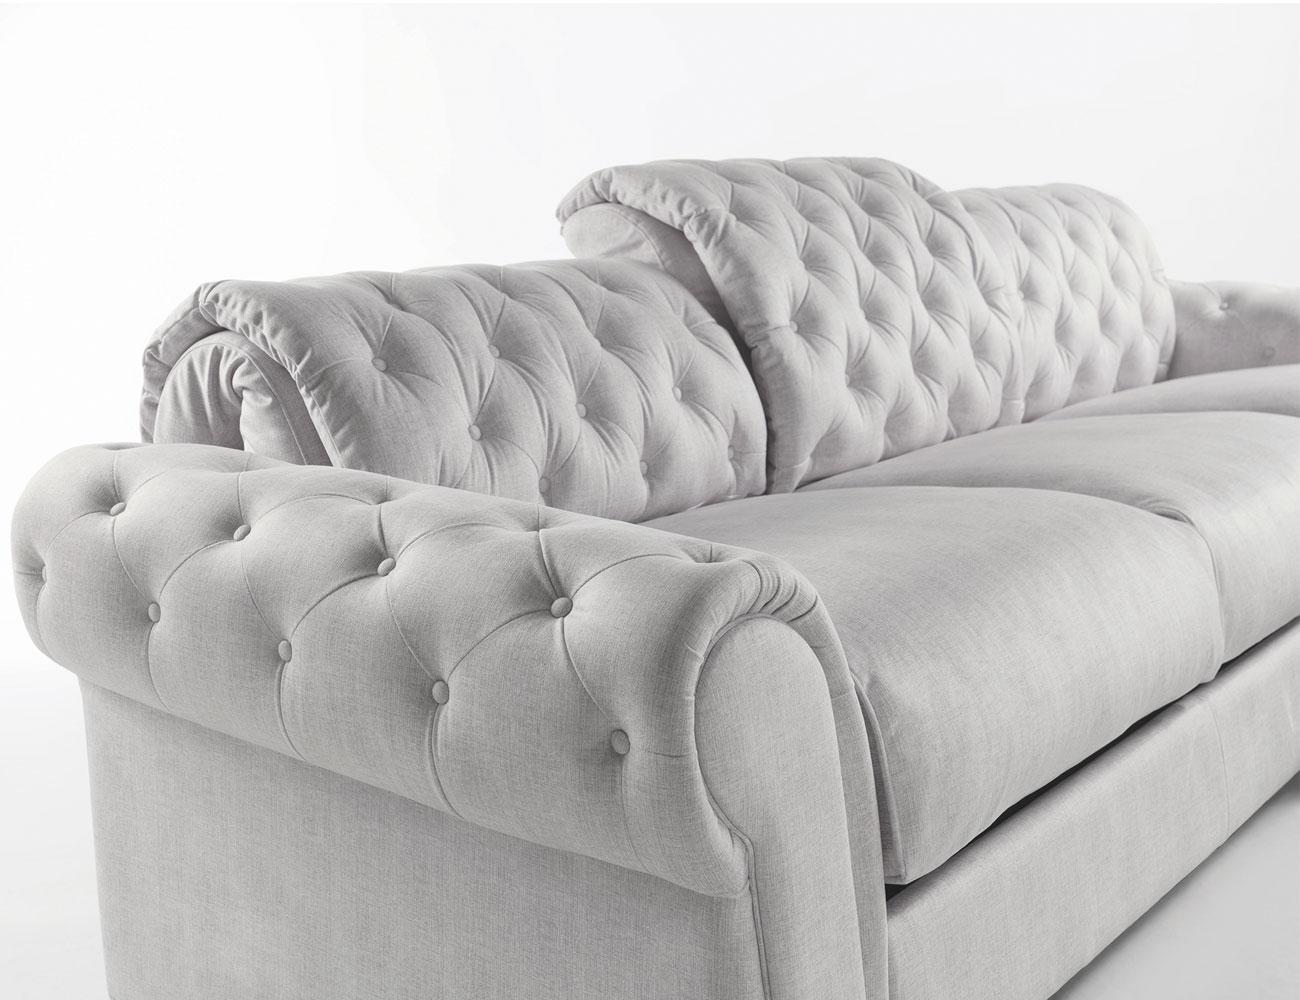 Sofa chaiselongue gran lujo decorativo capitone blanco tela 113